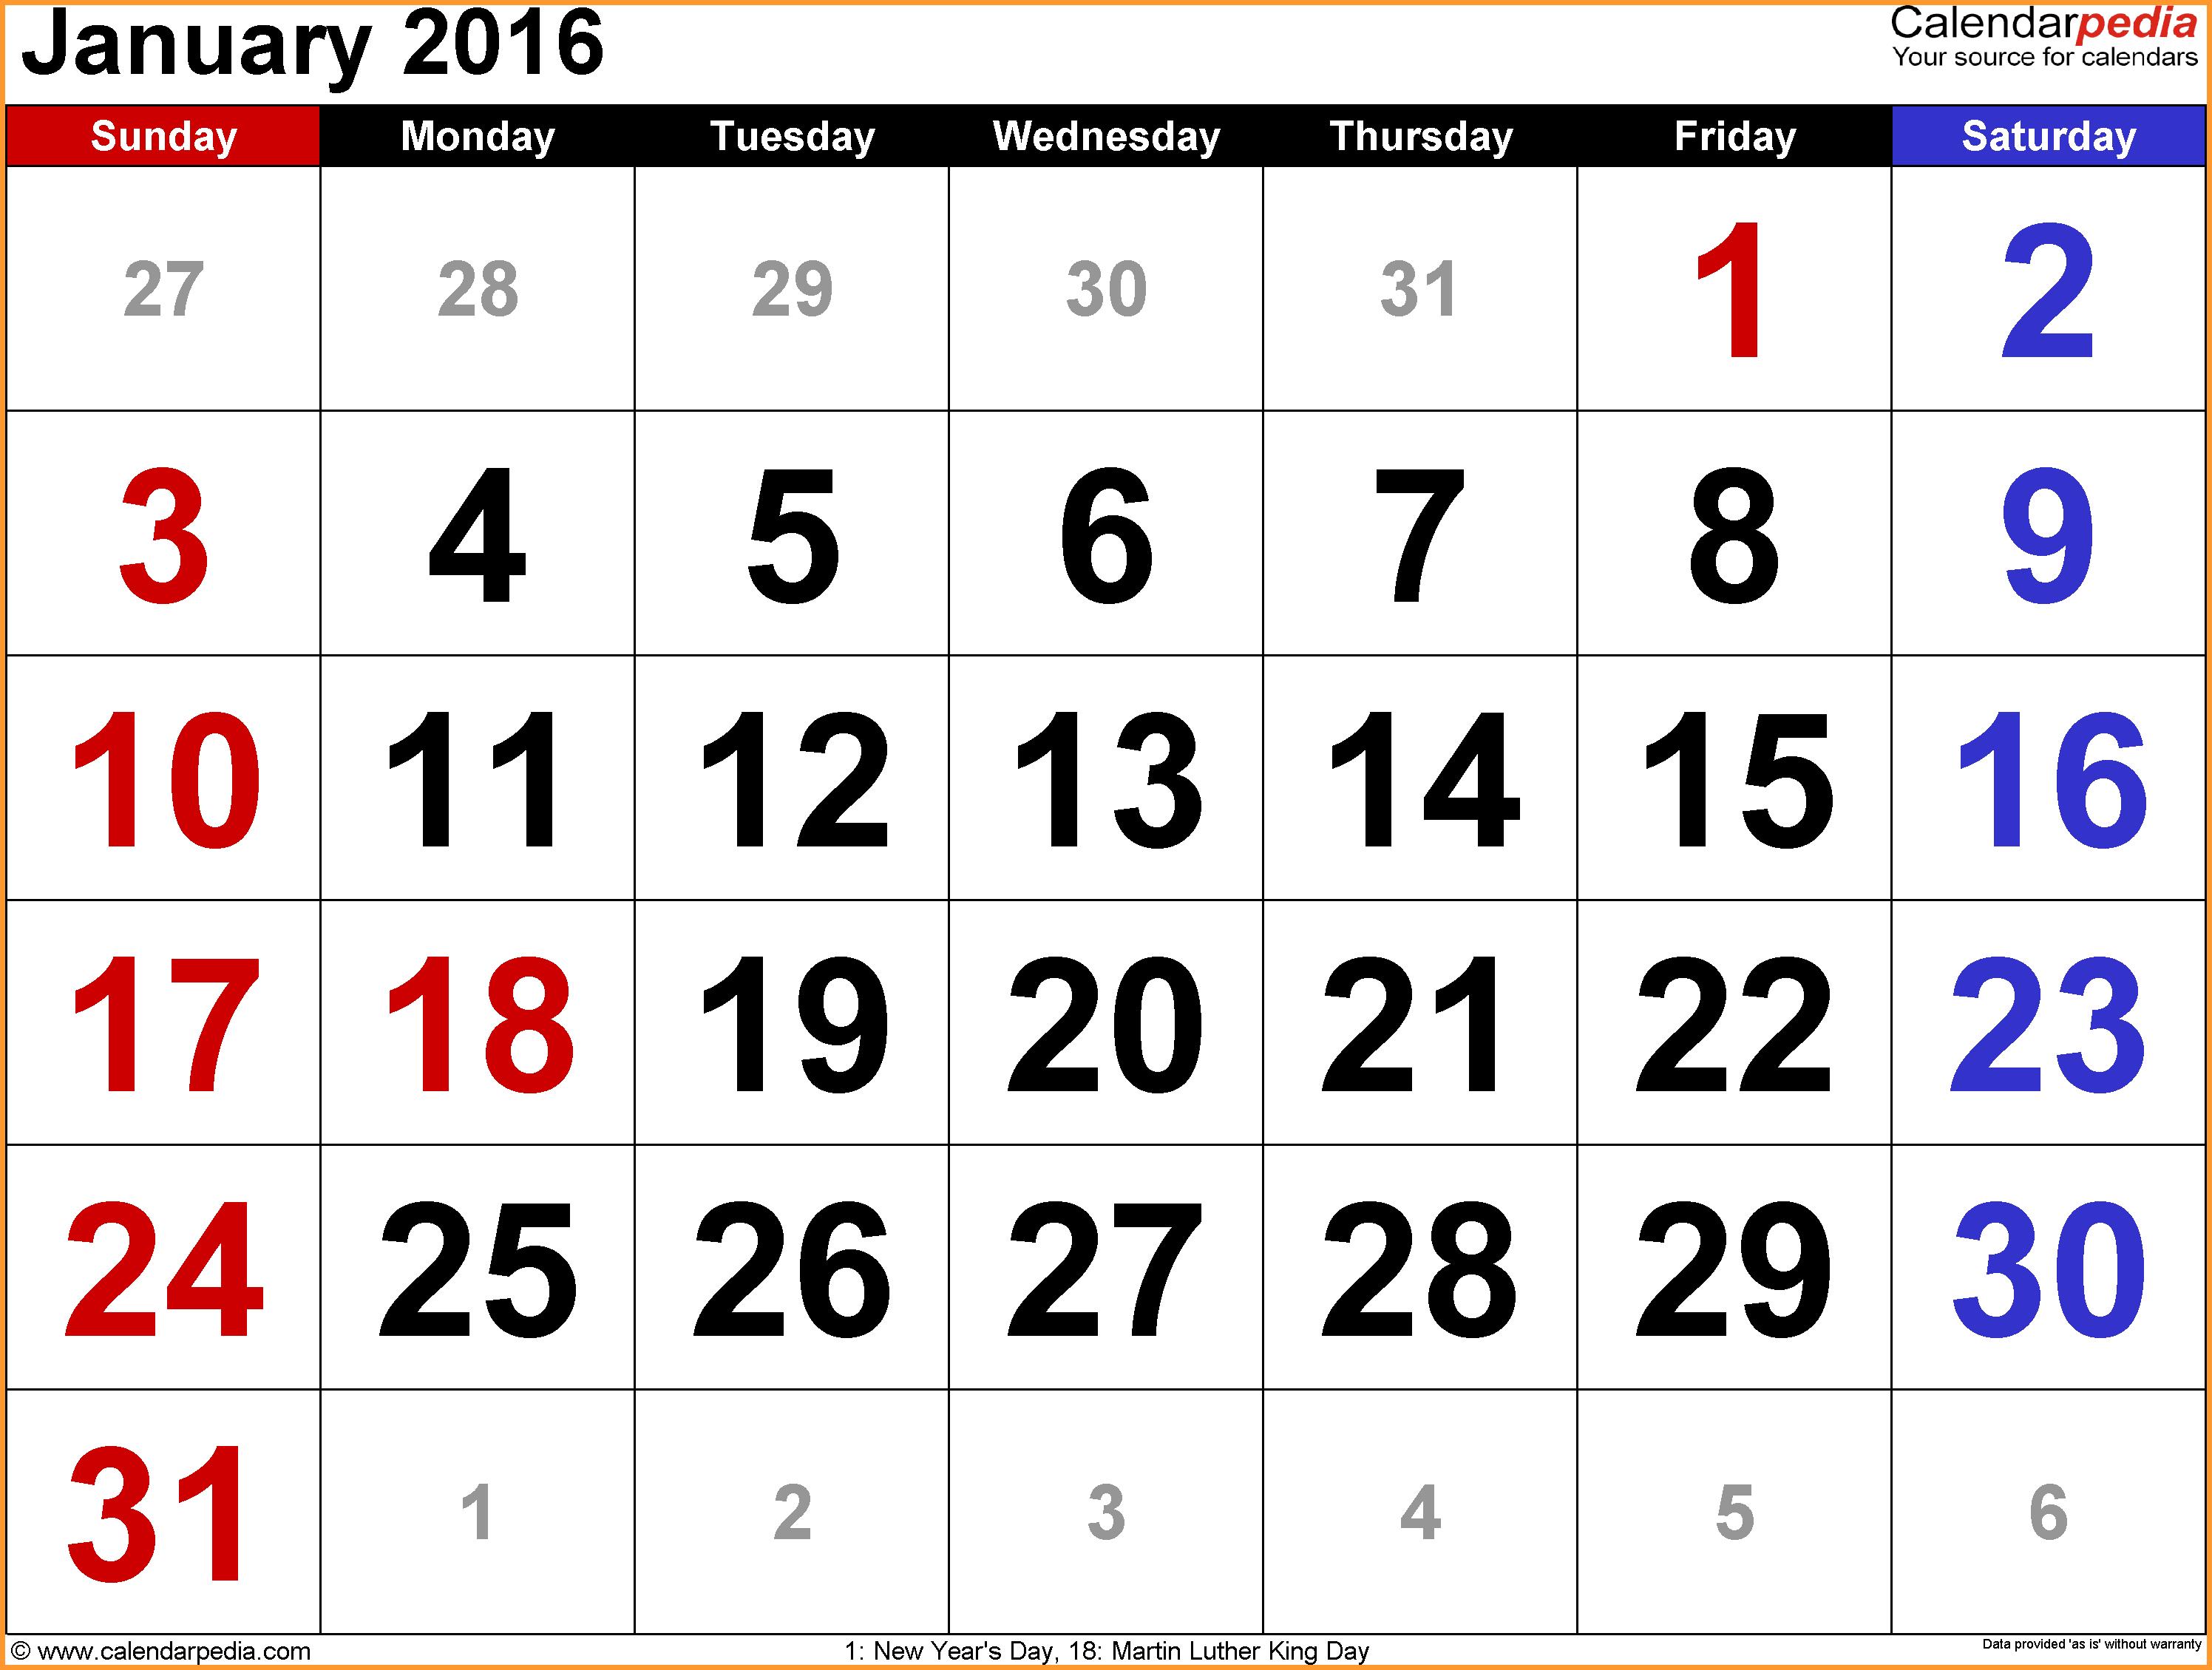 January holidays calendar clipart banner library download JANUARY 2016 CALENDAR WITH HOLIDAYS | letter format mail banner library download